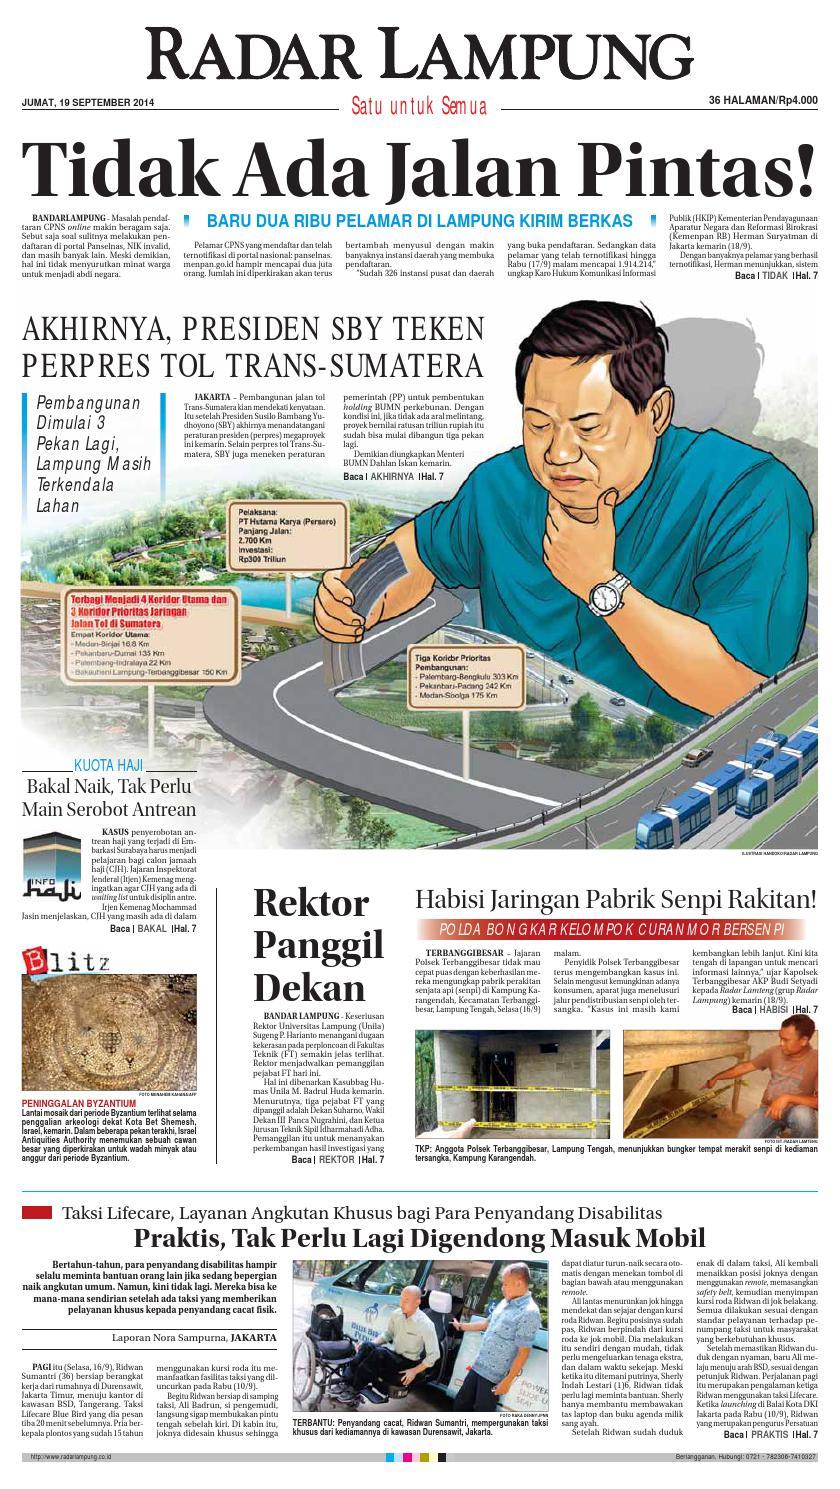 Radar Lampung Jumat 19 September 2014 By Ayep Kancee Issuu Pierre Cardin Pc106591f09 Silver Kombinasi Gold